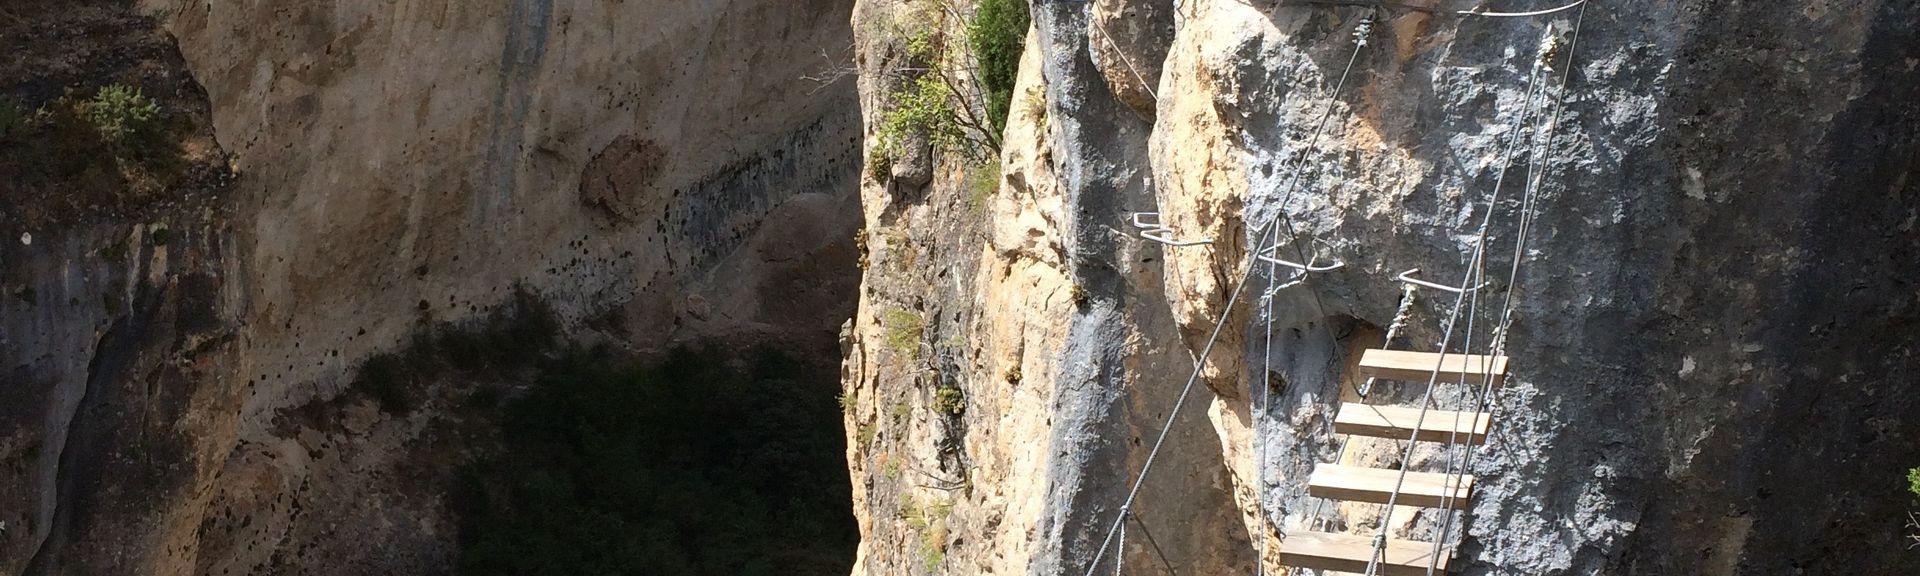 Cañamares, Castilla-La Mancha, Spanien